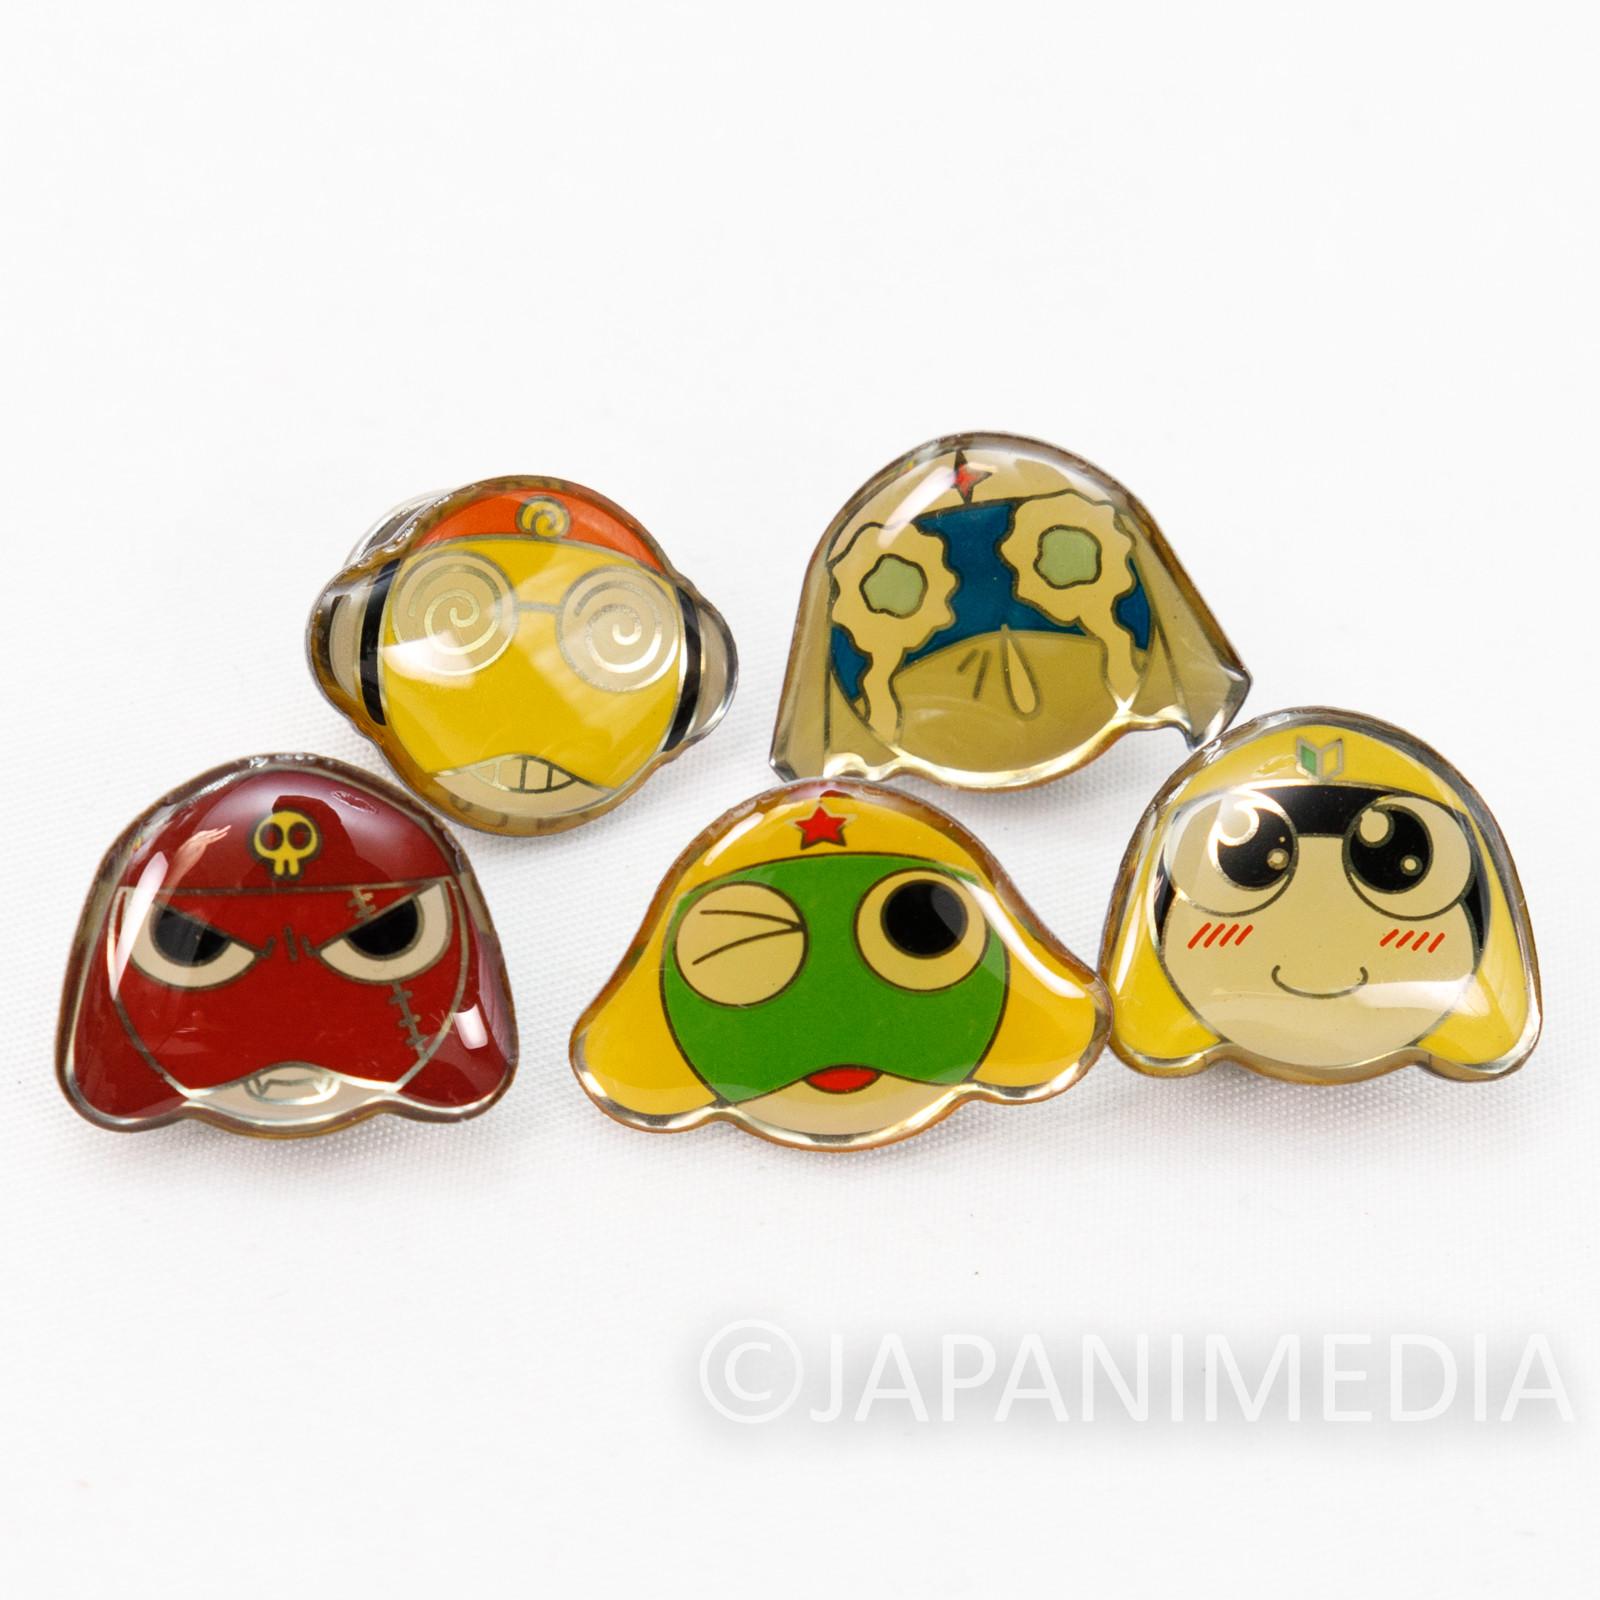 Sgt. Frog Keroro Gunso Pins 5pc Set [Keroro / Giroro / Tamama / Kururu / Dororo] JAPAN ANIME MANGA